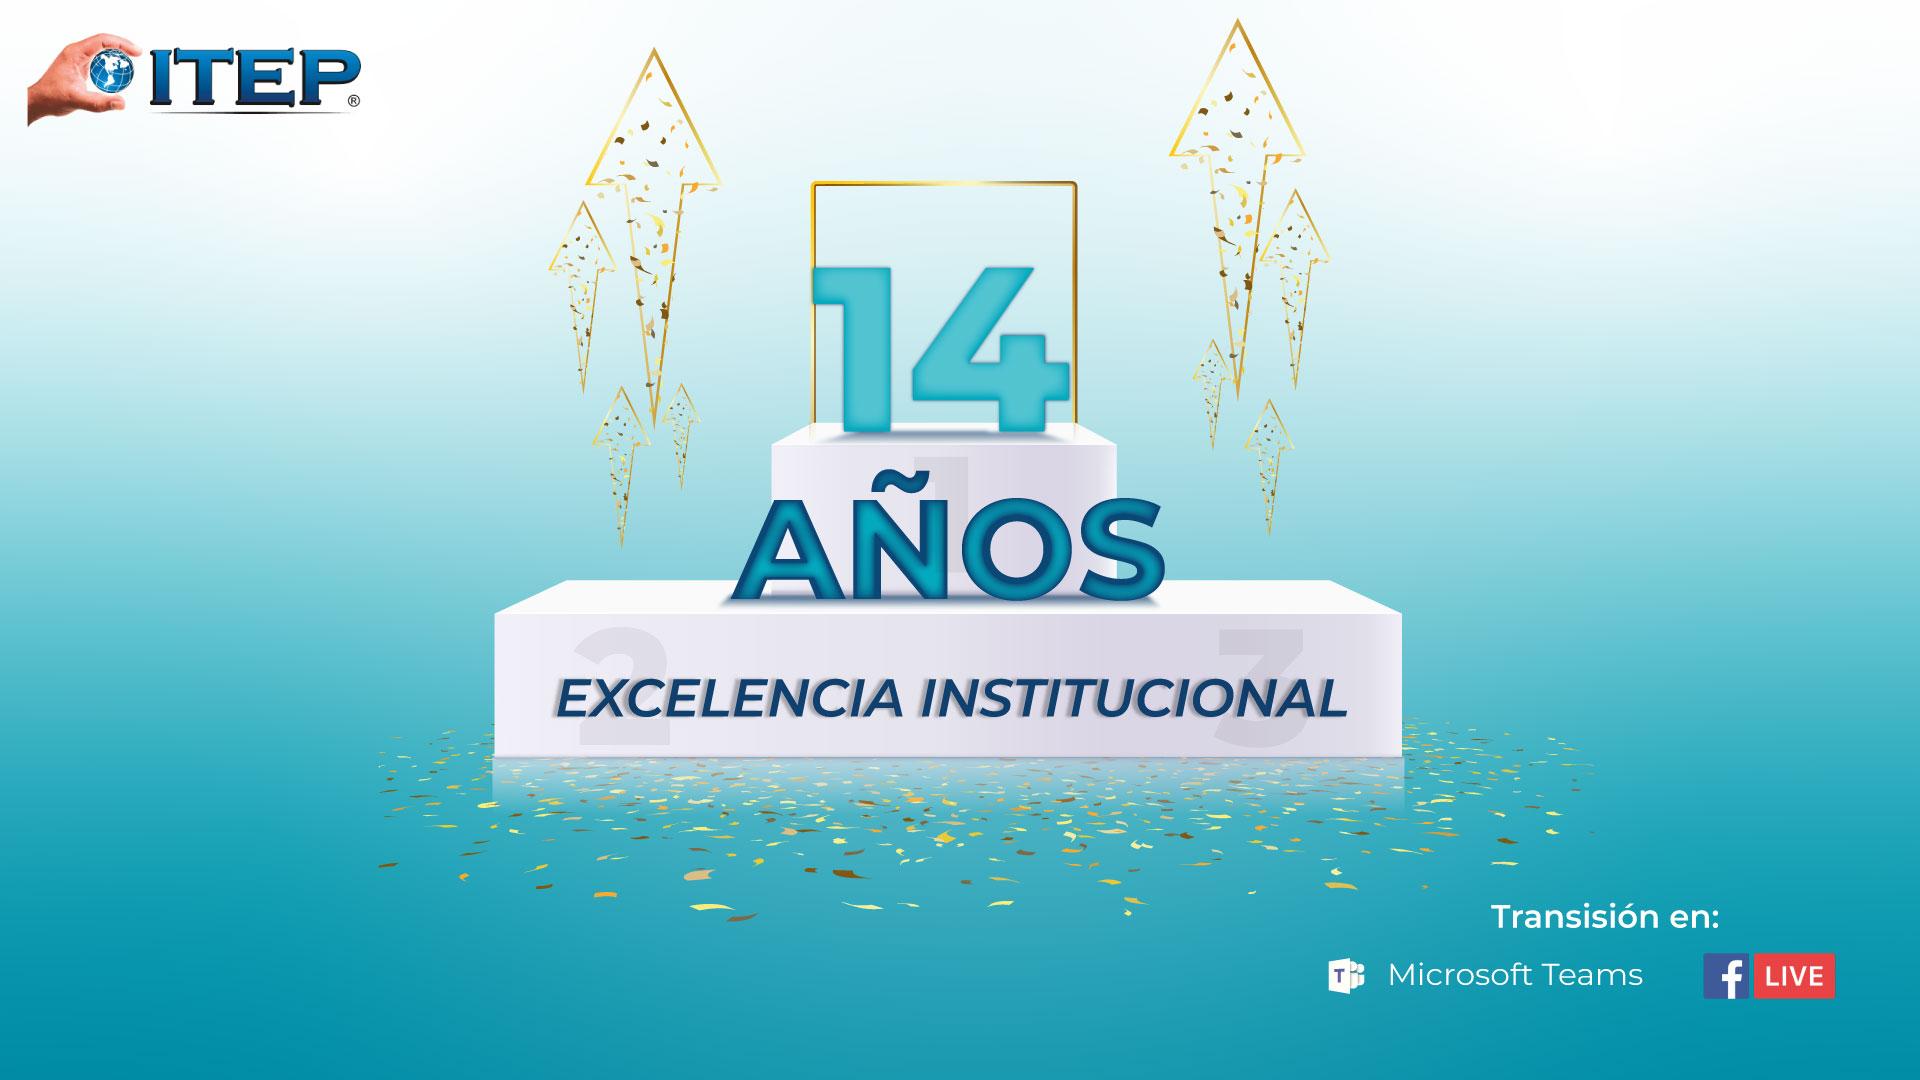 Aniversario 14 años ITEP